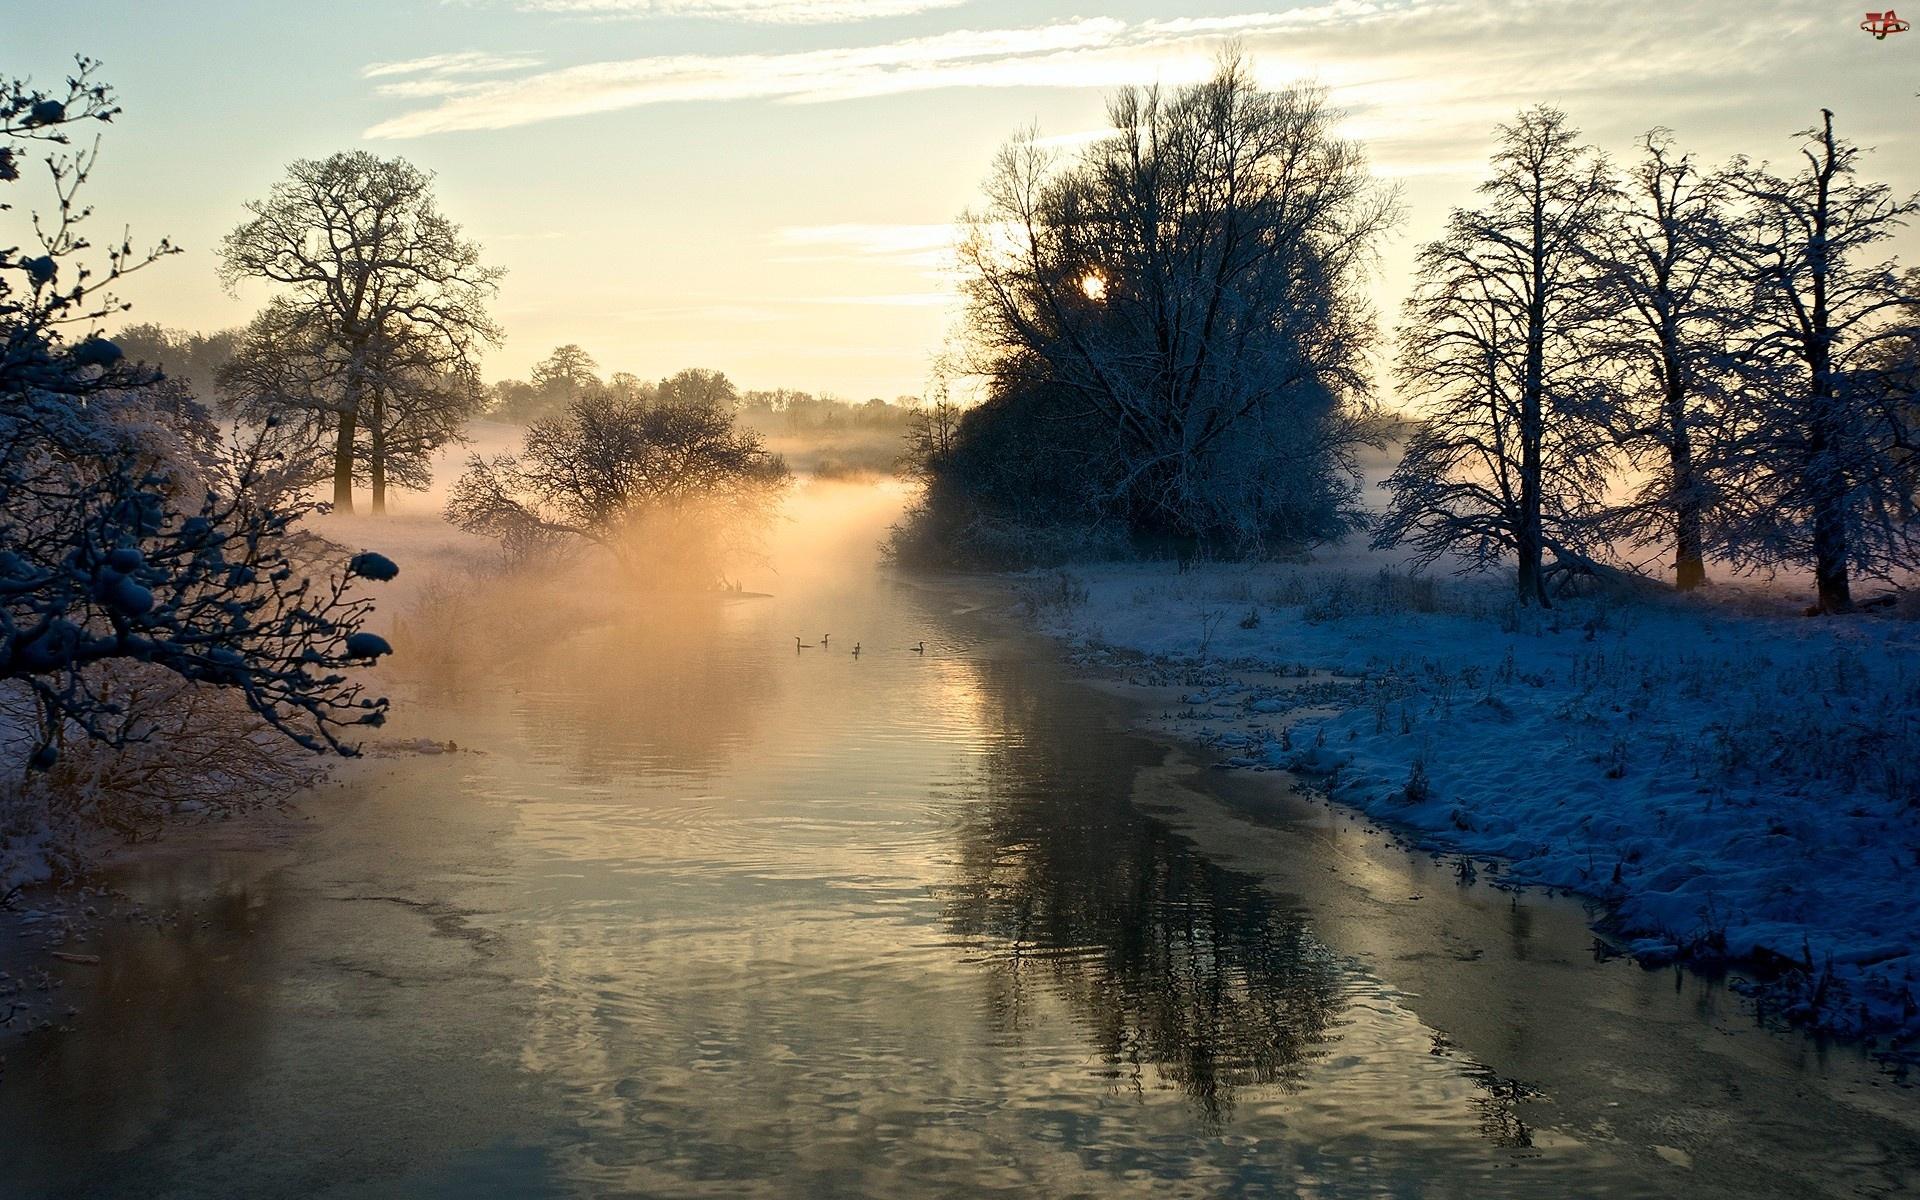 Zima, Rzeka, Mgła, Drzewa, Kaczki